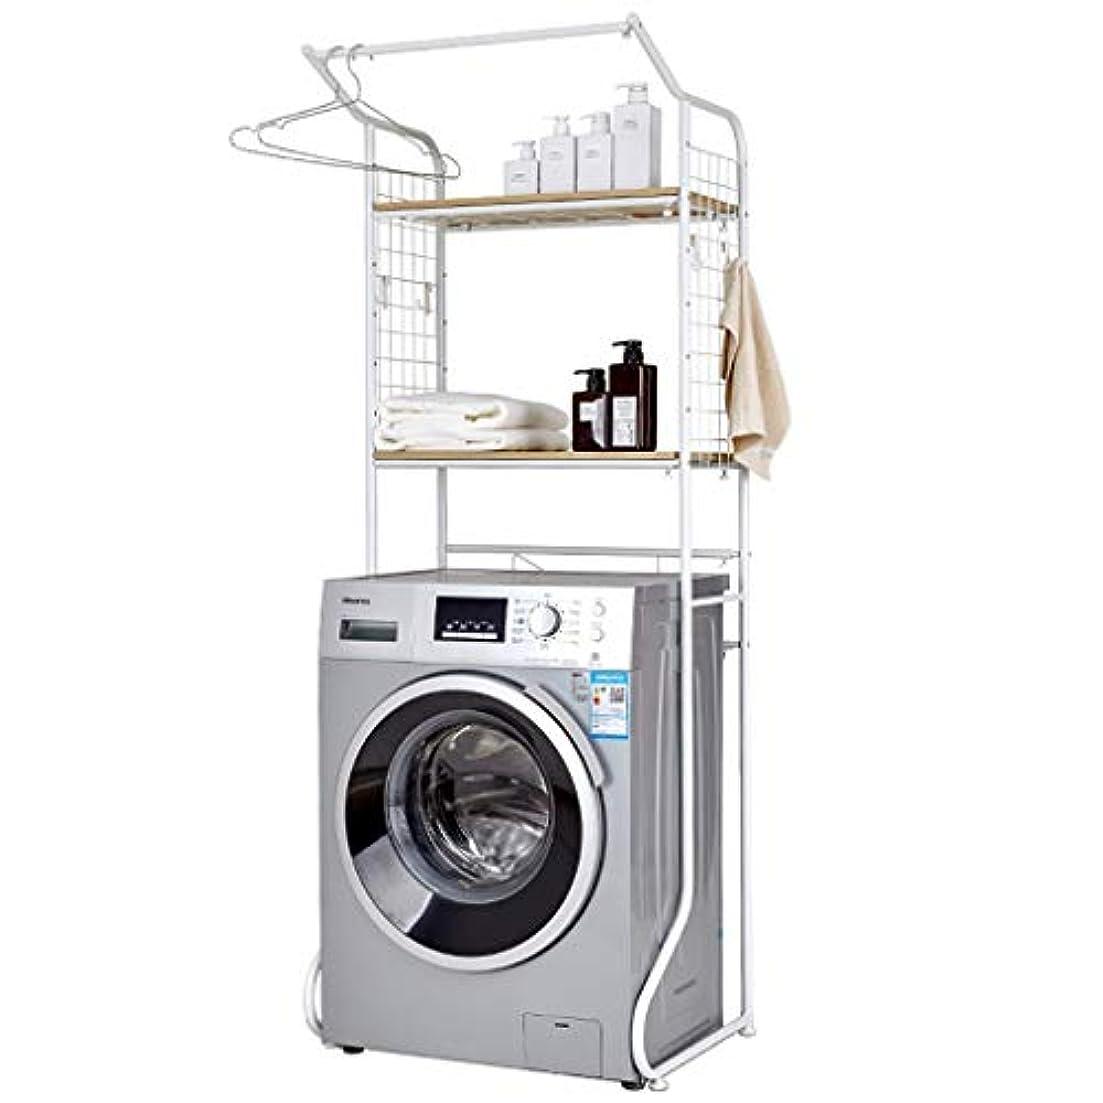 真実社員電話浴室用シェルフ 棚トイレラックトイレ床ダブル板ラック仕上げ収納ラックの上の錬鉄製の洗濯機幅は格納式ですサイズ:64.5-98.5cm * 50cm * 175cm バスルーム収納